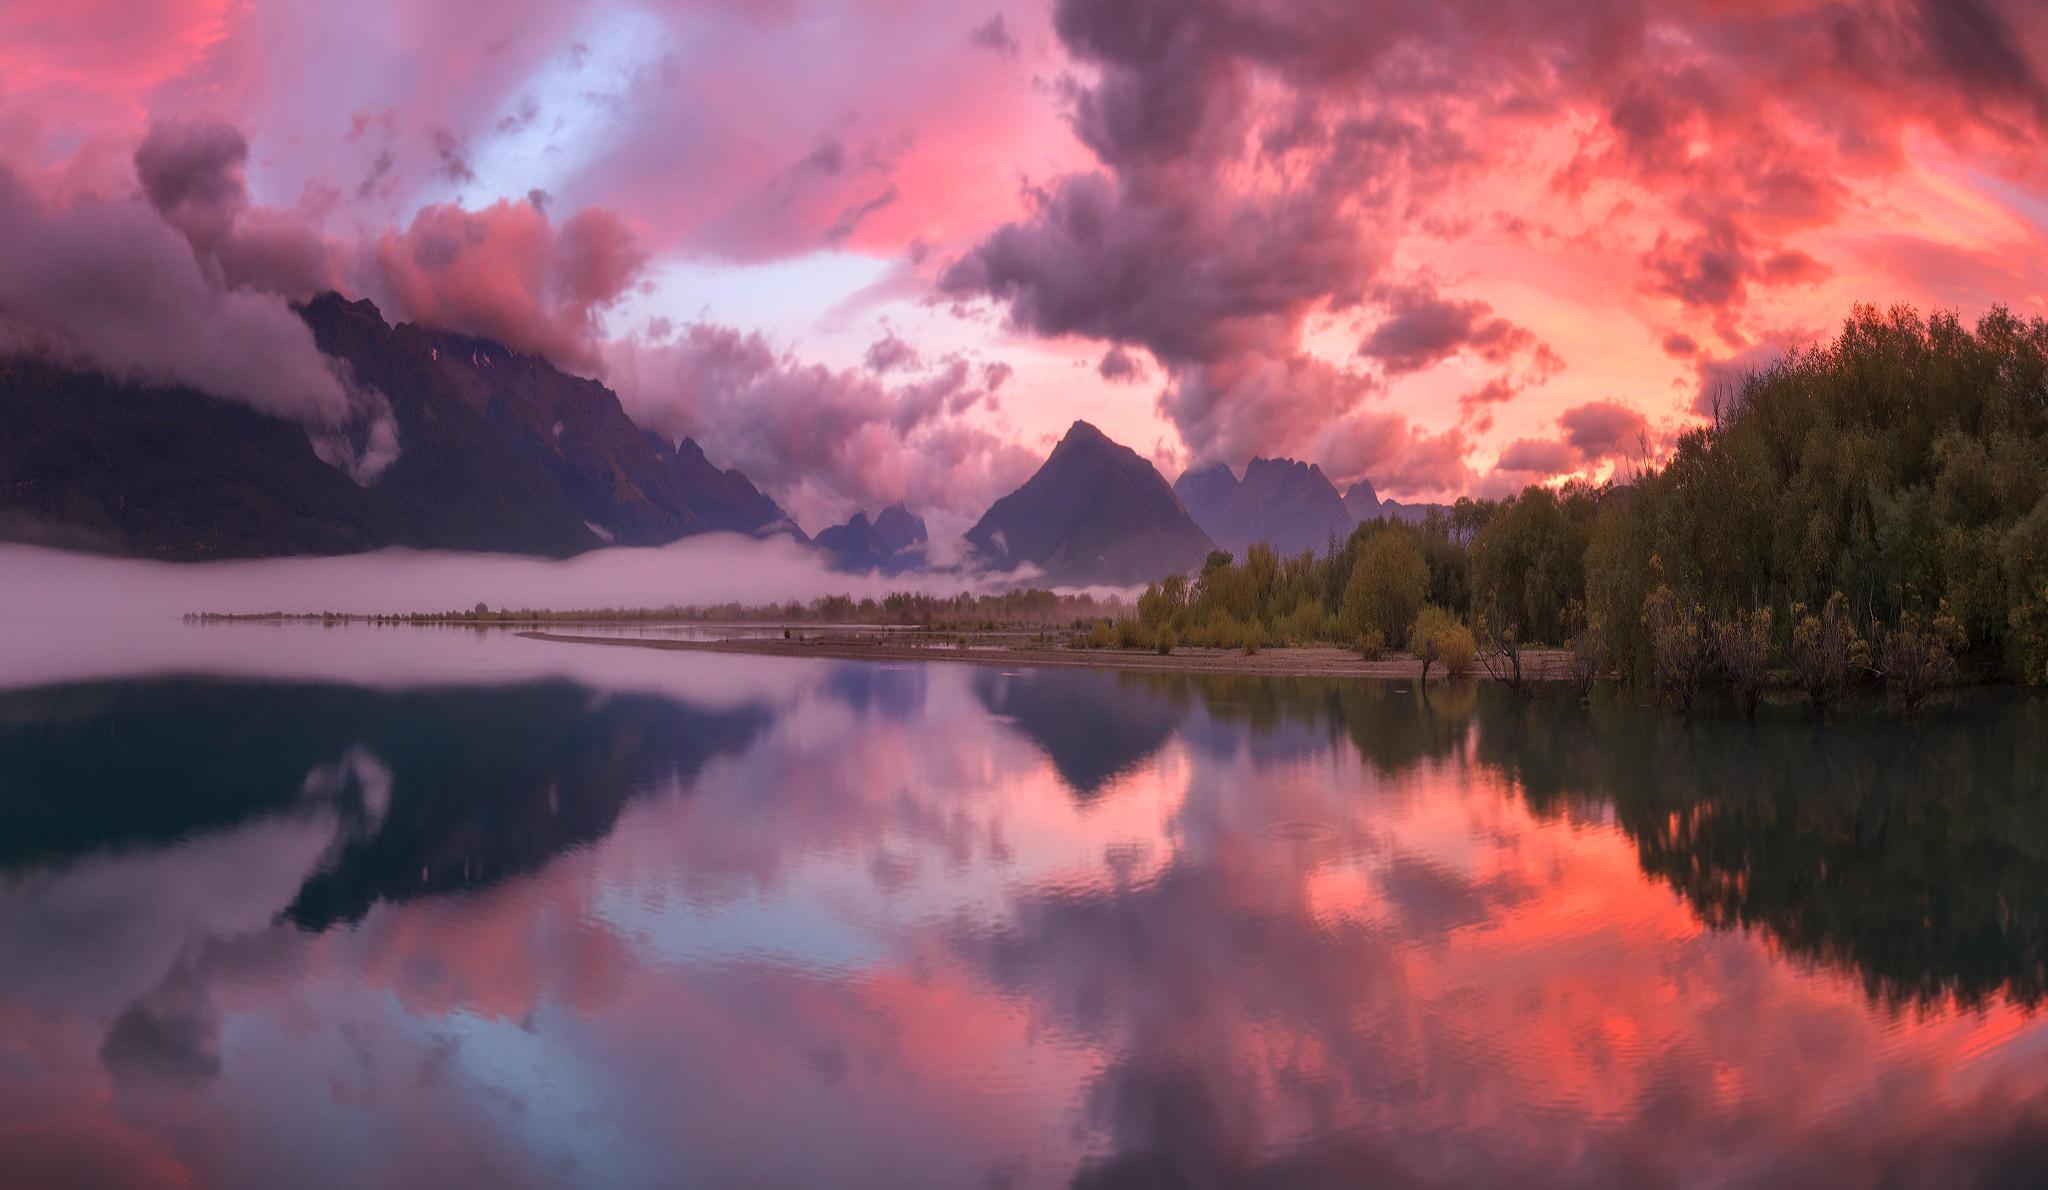 восход солнца в Гленорчи, Новая Зеландия, река, горы, деревья, пейзаж